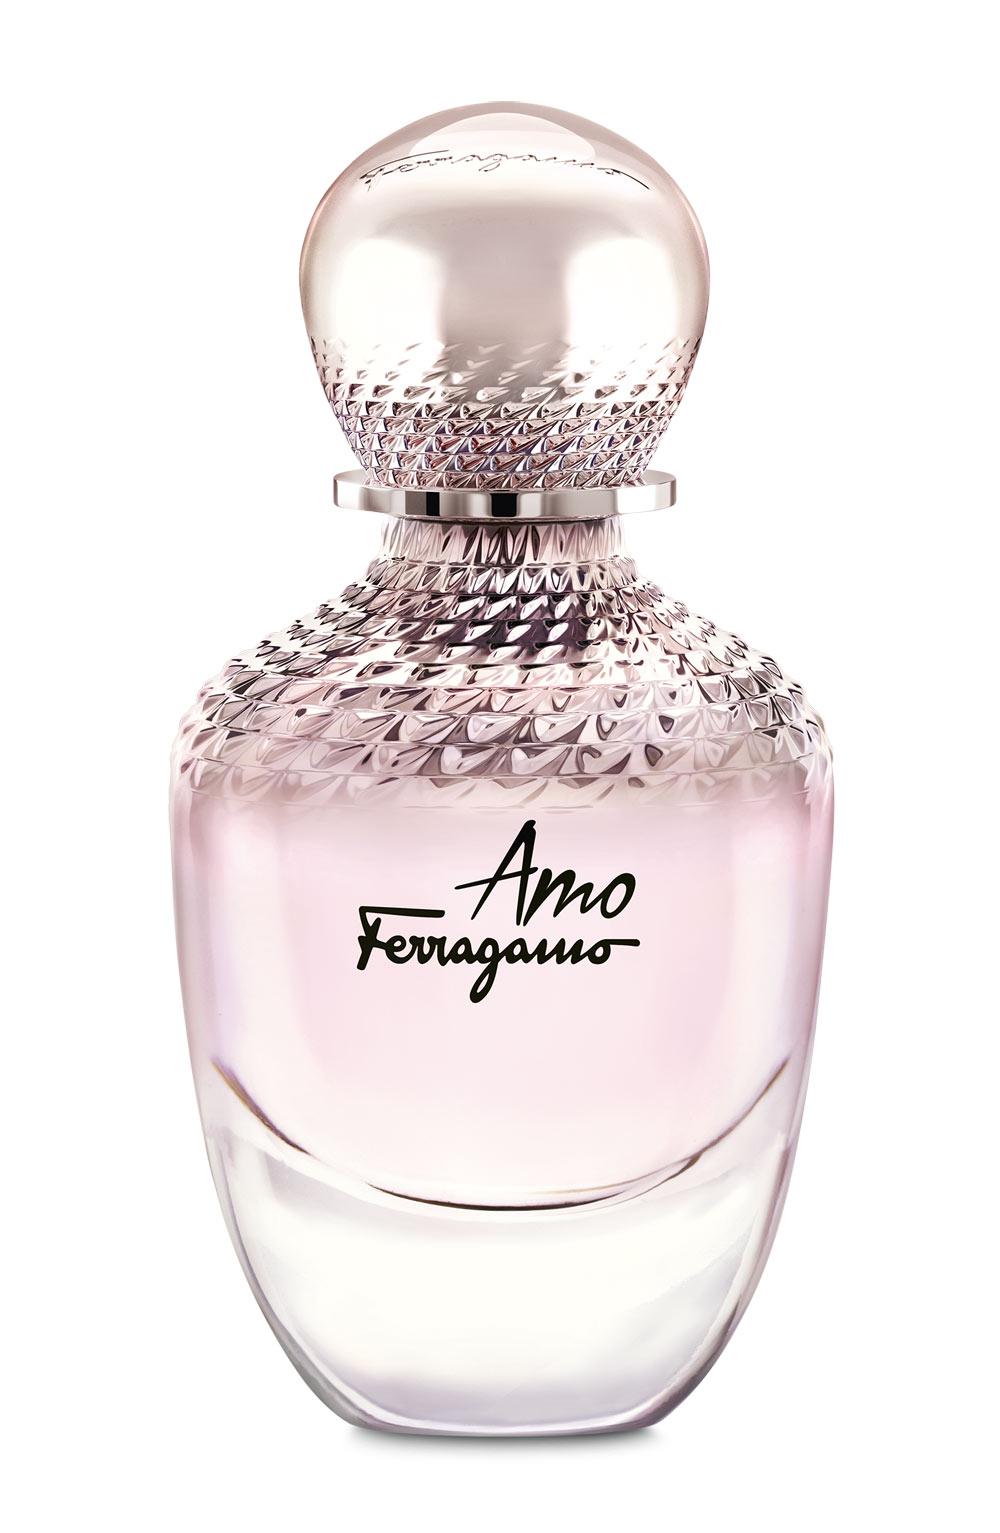 o.50293 - 25 perfumes, 25 razones para enamorarte al estilo Robb Report